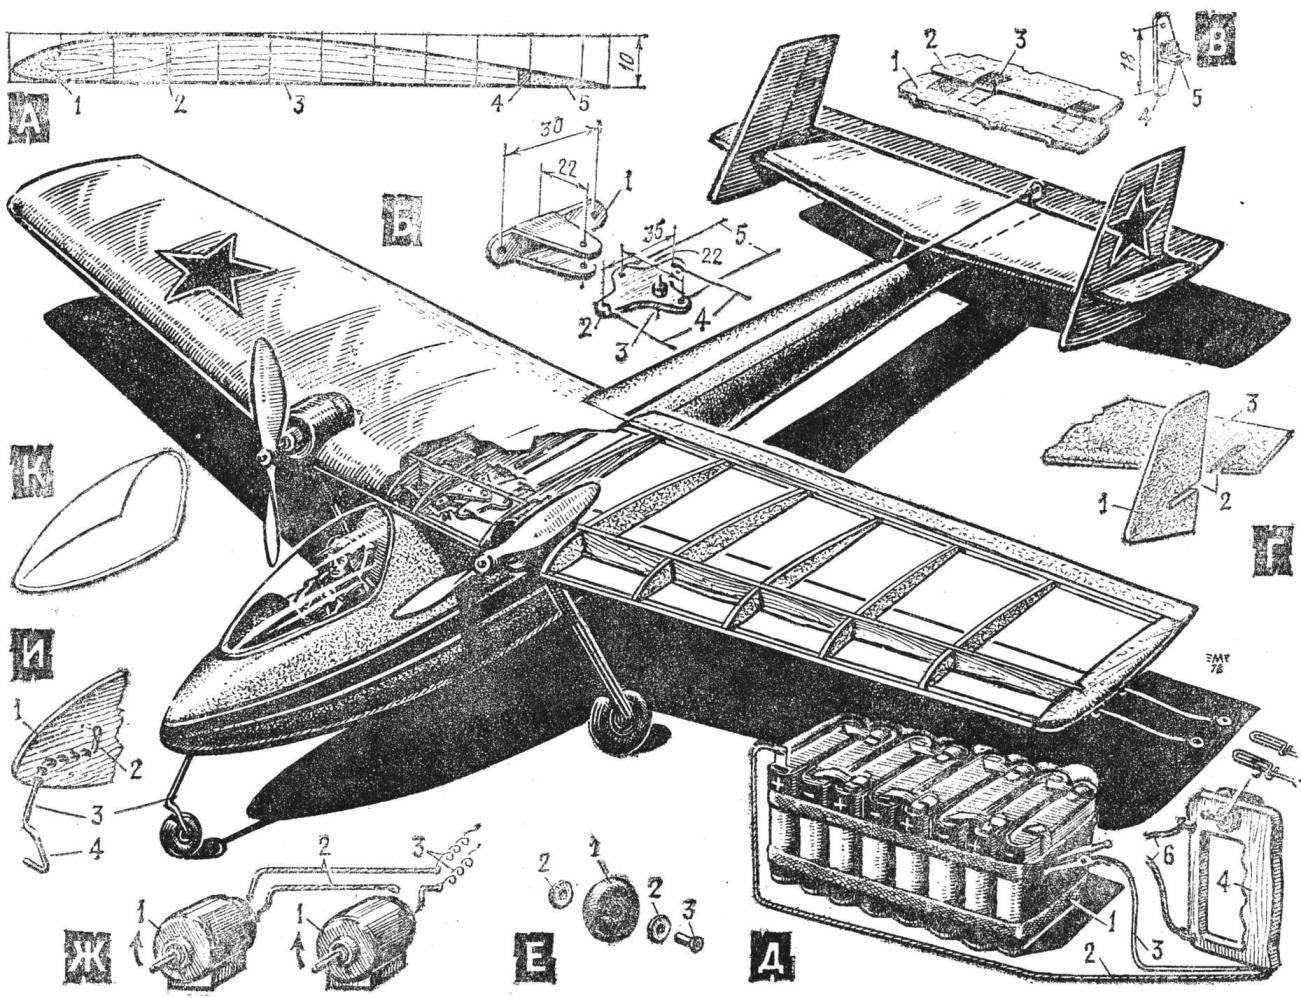 Рис. 1. Общая компоновка двухмоторной модели с электродвигателями